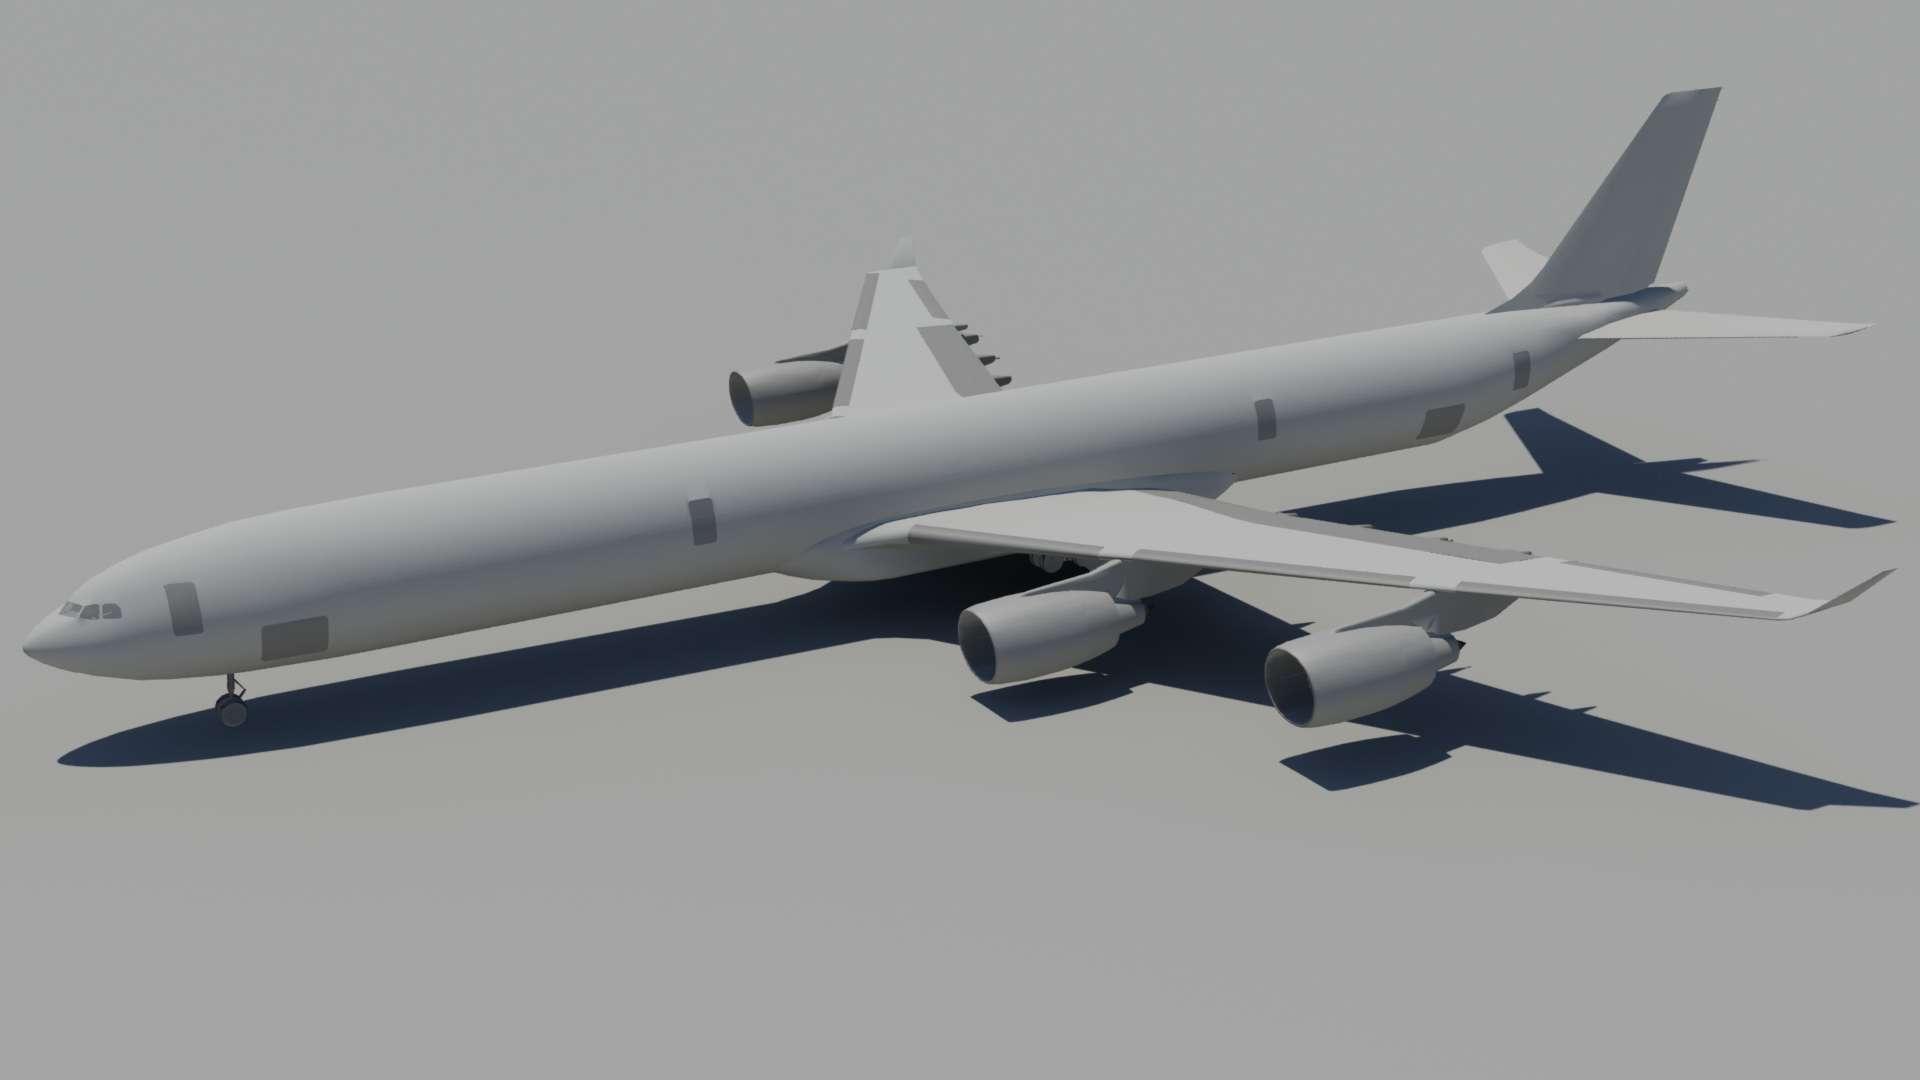 P3D v2 - Airbus A340-600 | FSDeveloper